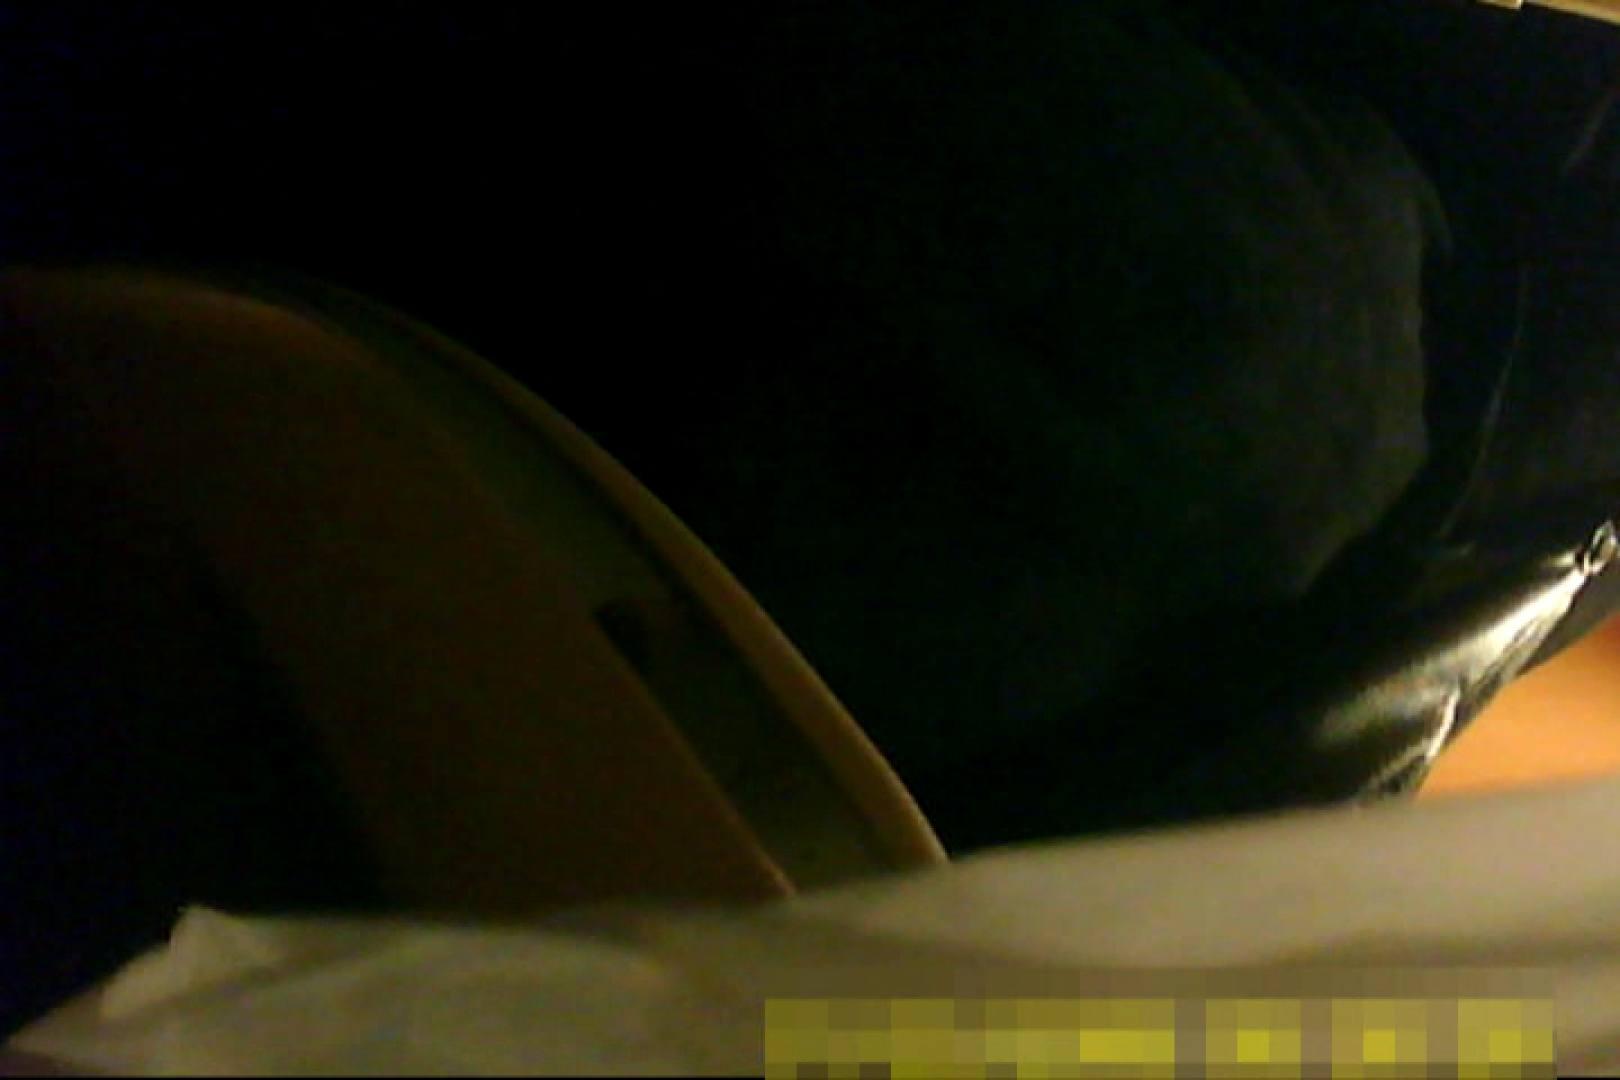 魅惑の化粧室~禁断のプライベート空間~vol.8 美しいOLの裸体 覗きおまんこ画像 91pic 12